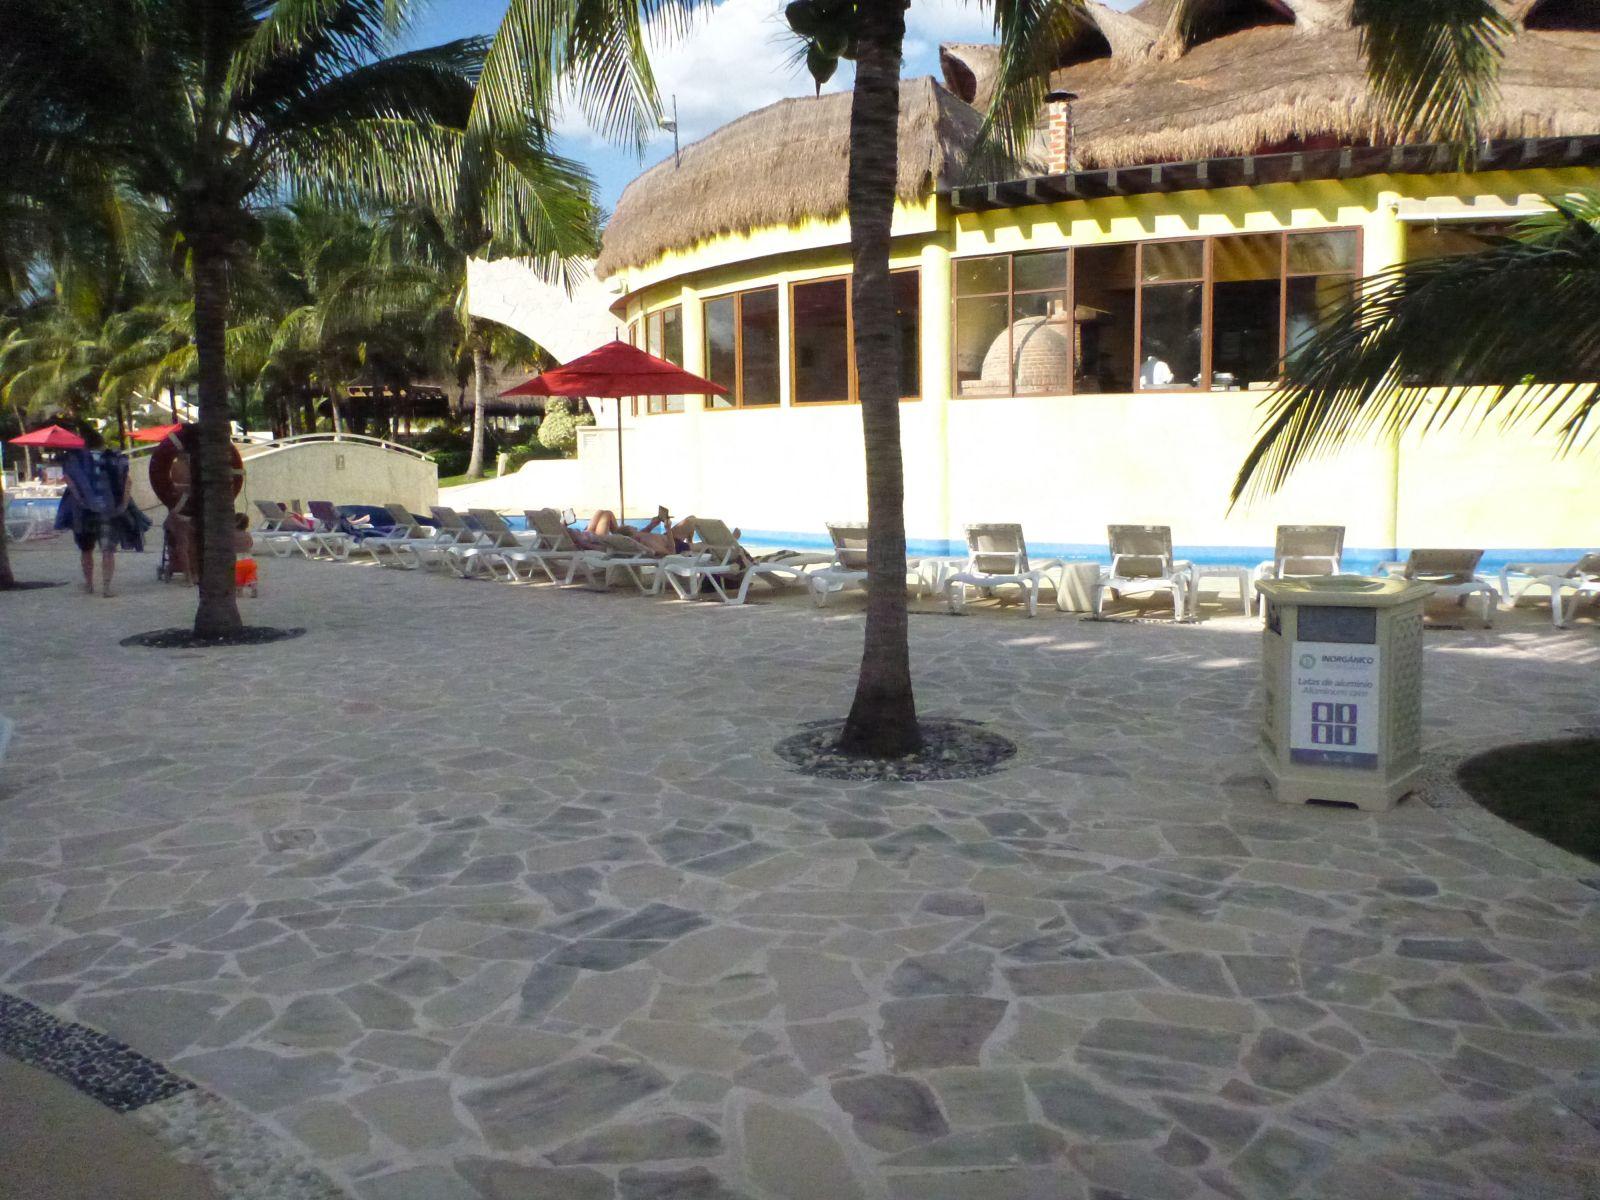 Zocolo terrace